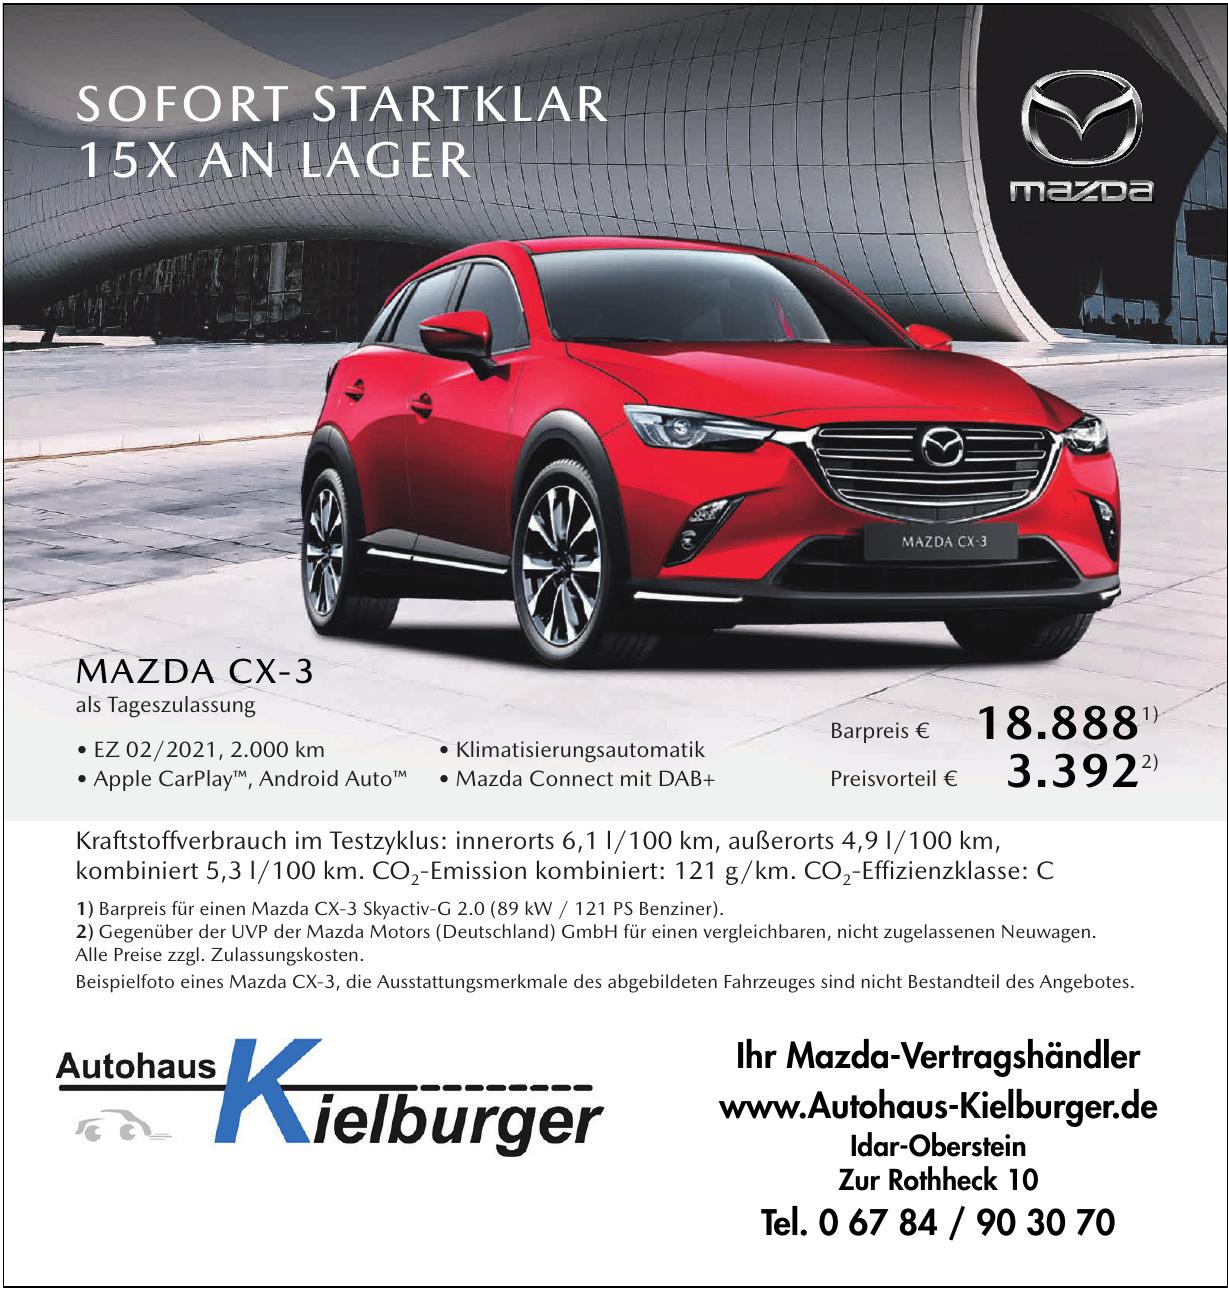 Autohaus Kielburger